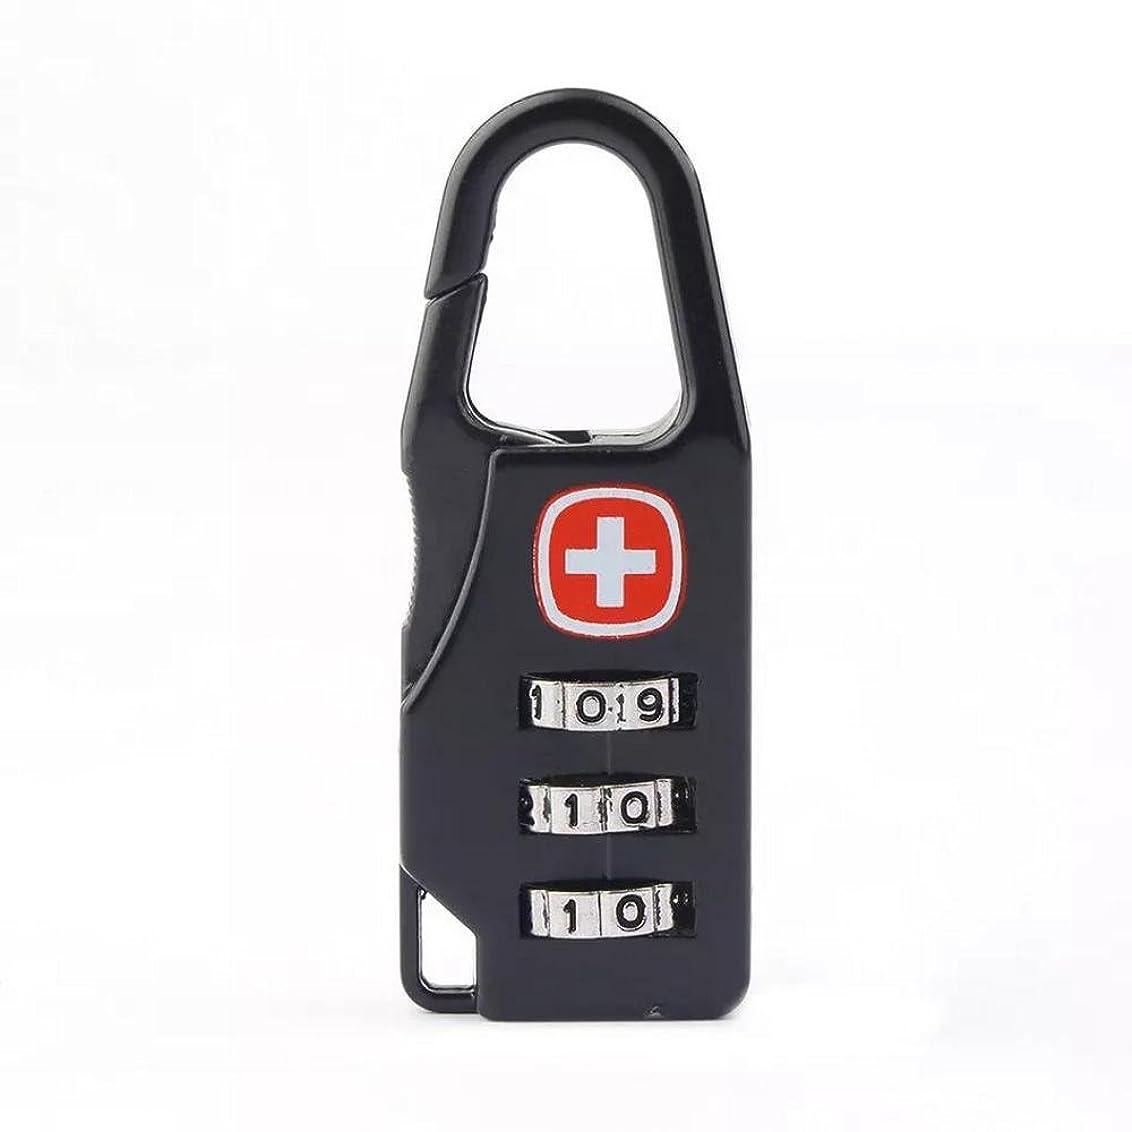 触手によってオーストラリア人(スタイルグラス)StyleGlass ダイヤルロックファスナー ロック 旅行用 頑丈 ワンタッチ 簡単 セキュリティ 軽量 安心 安全 ダイヤルロック 南京錠 鍵 スリ防止